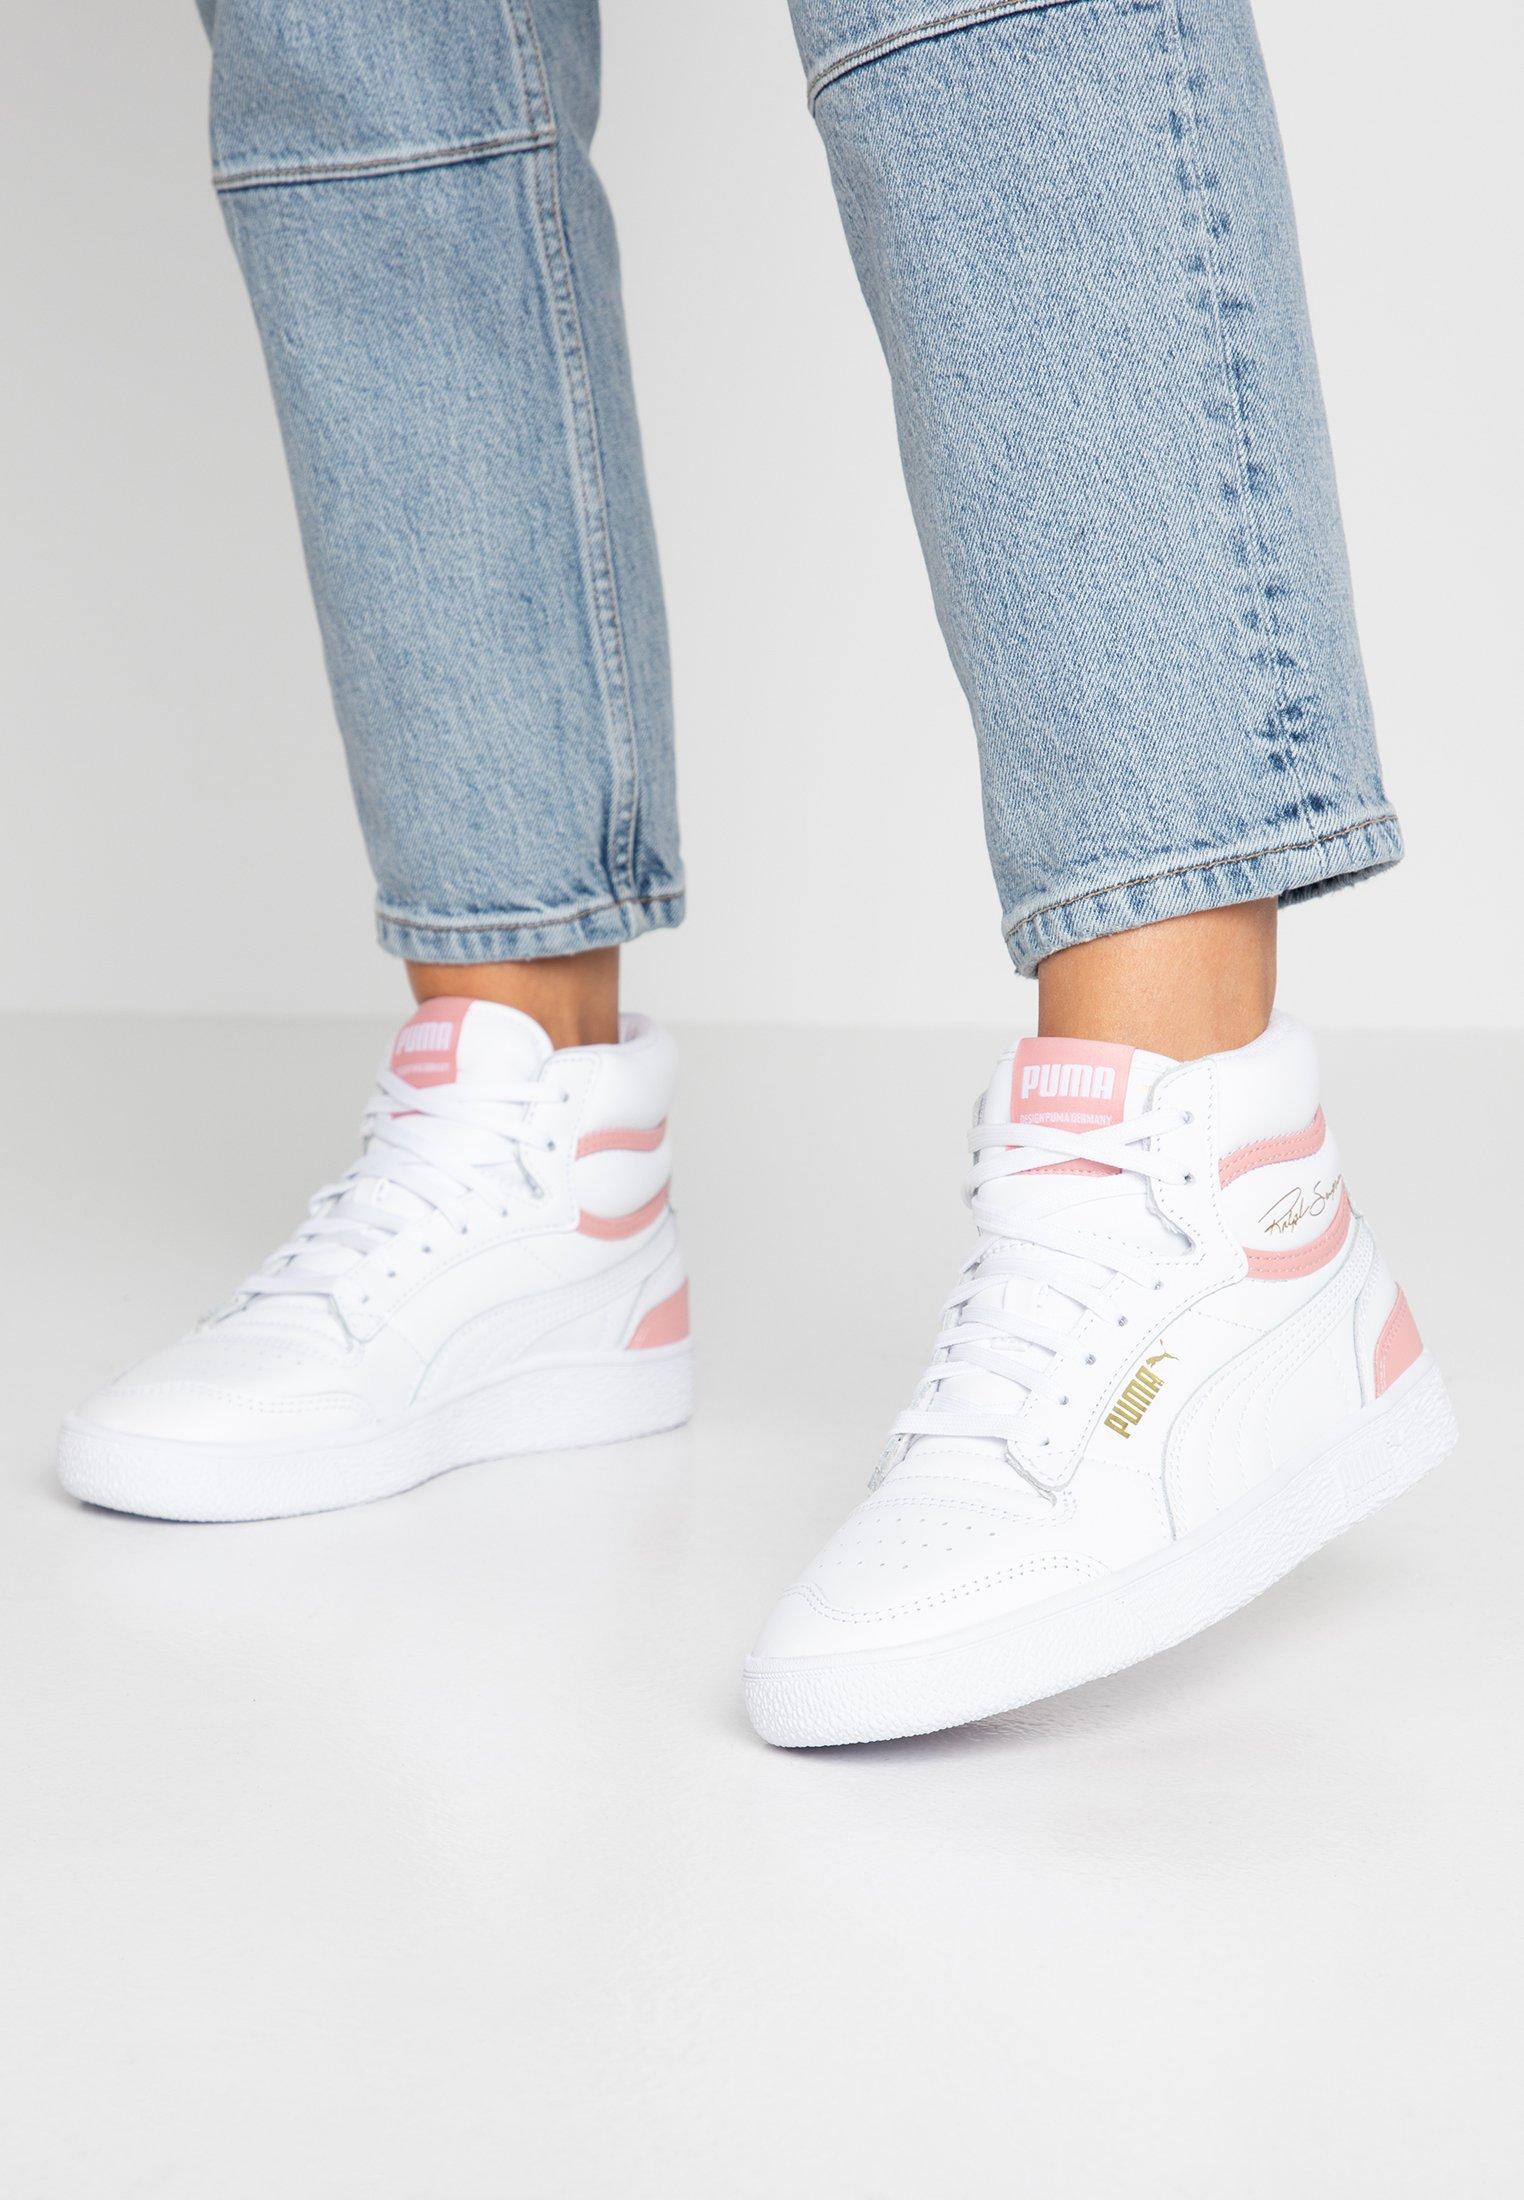 RALPH SAMPSON MID Sneakers hoog whitebridal rose